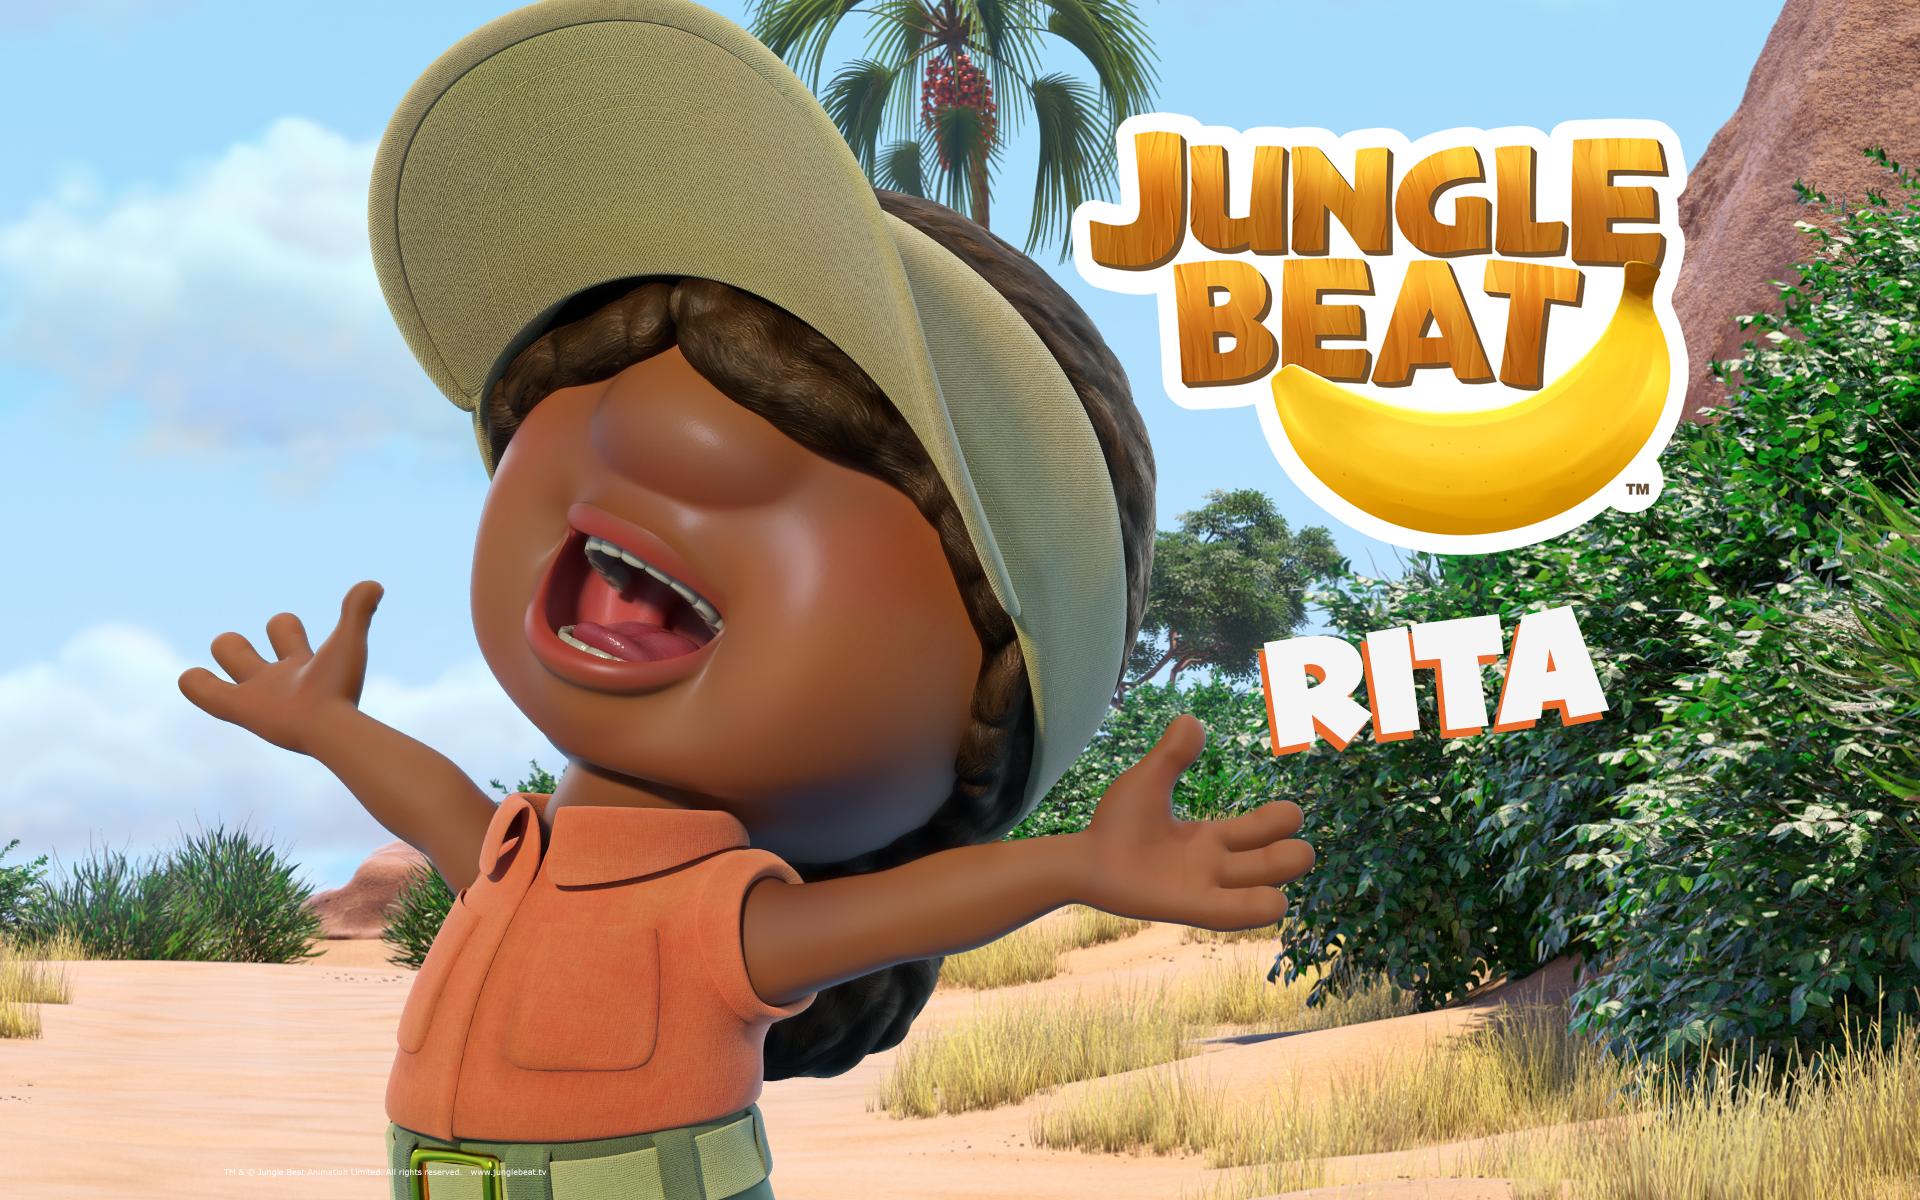 Rita (Jungle Beat)